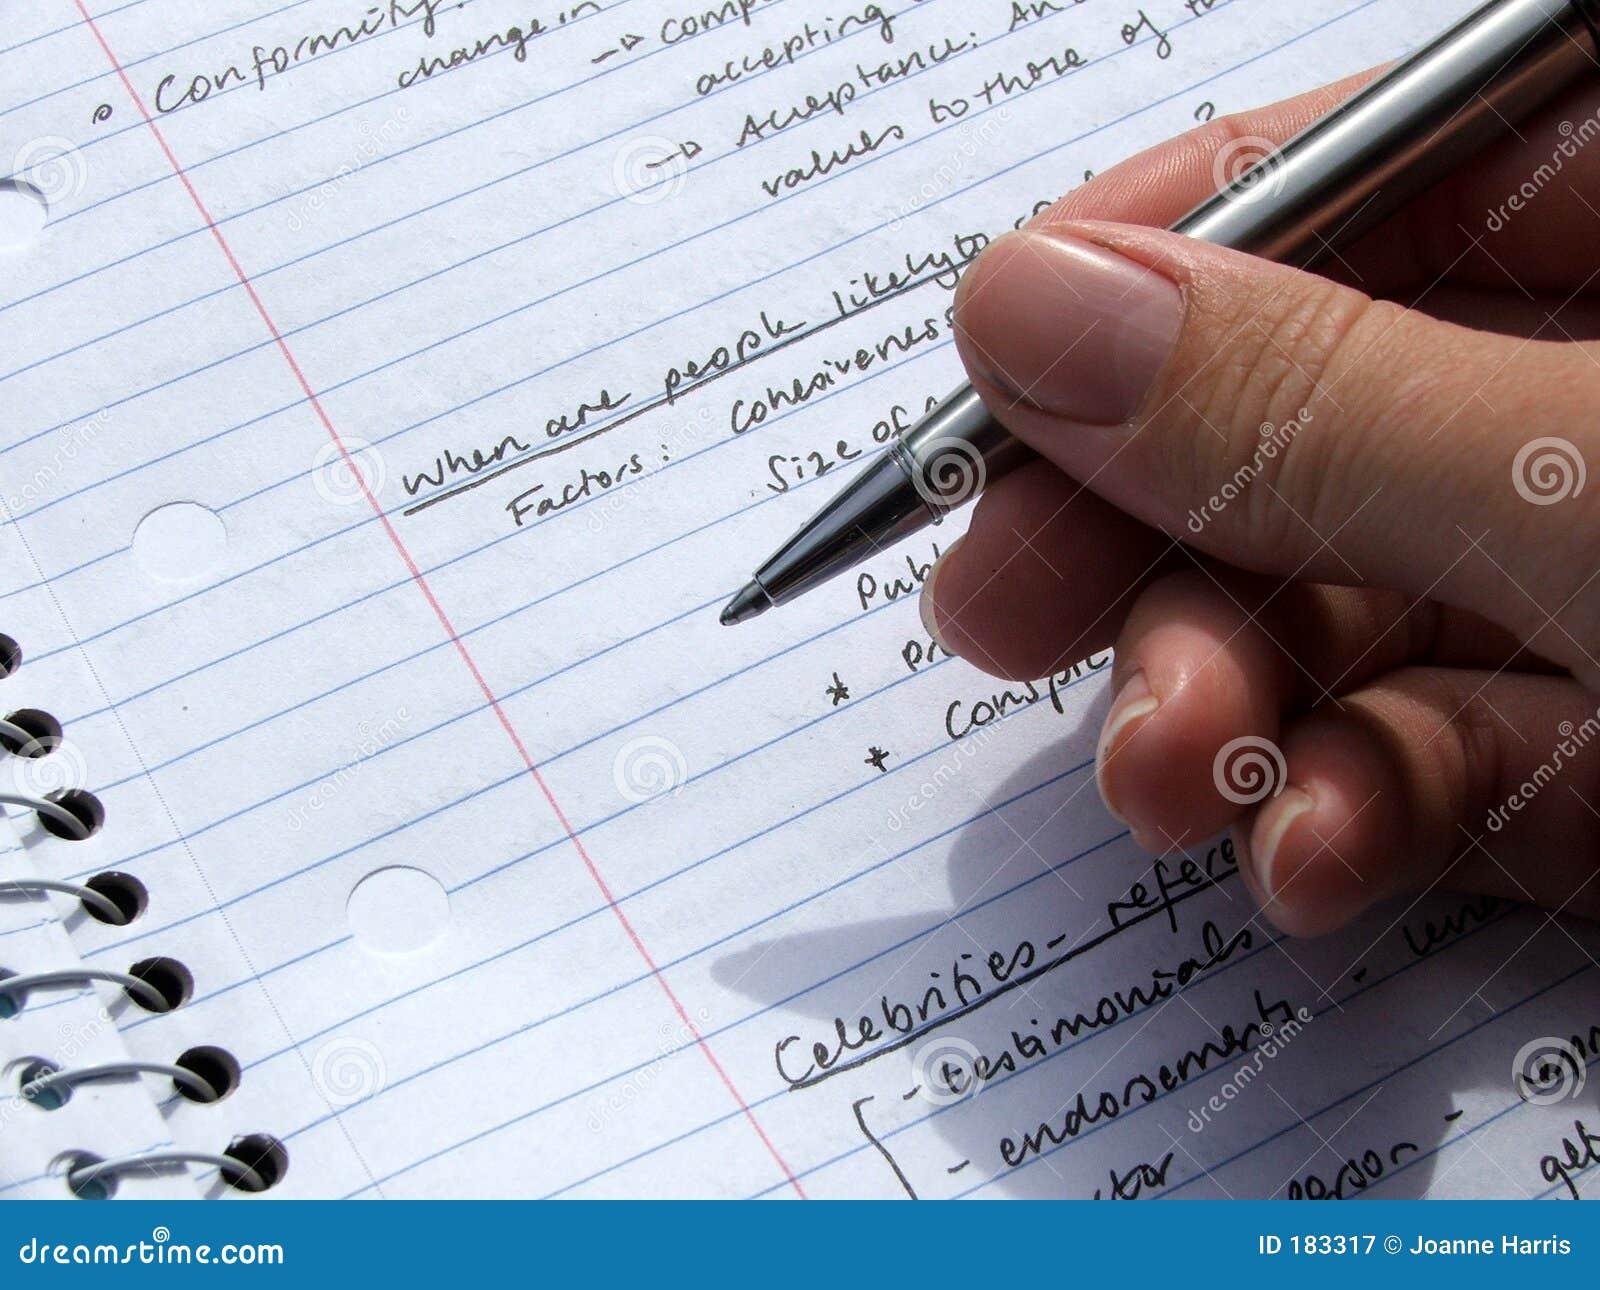 Stazionario - penna giudicata disponibila